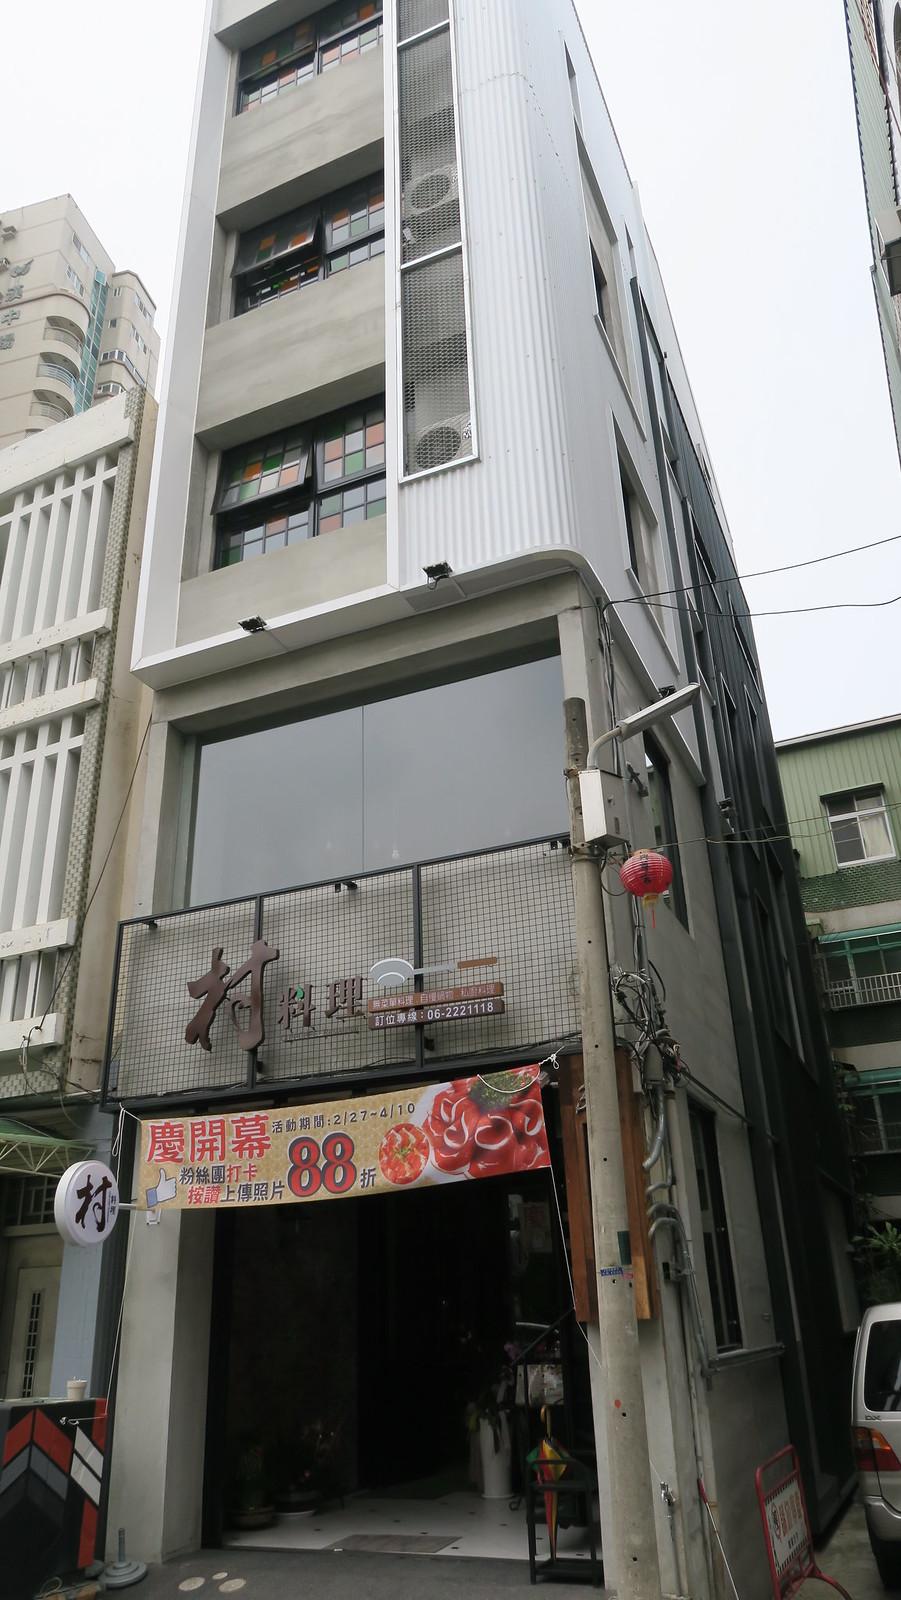 台南中西區村料理 (1)